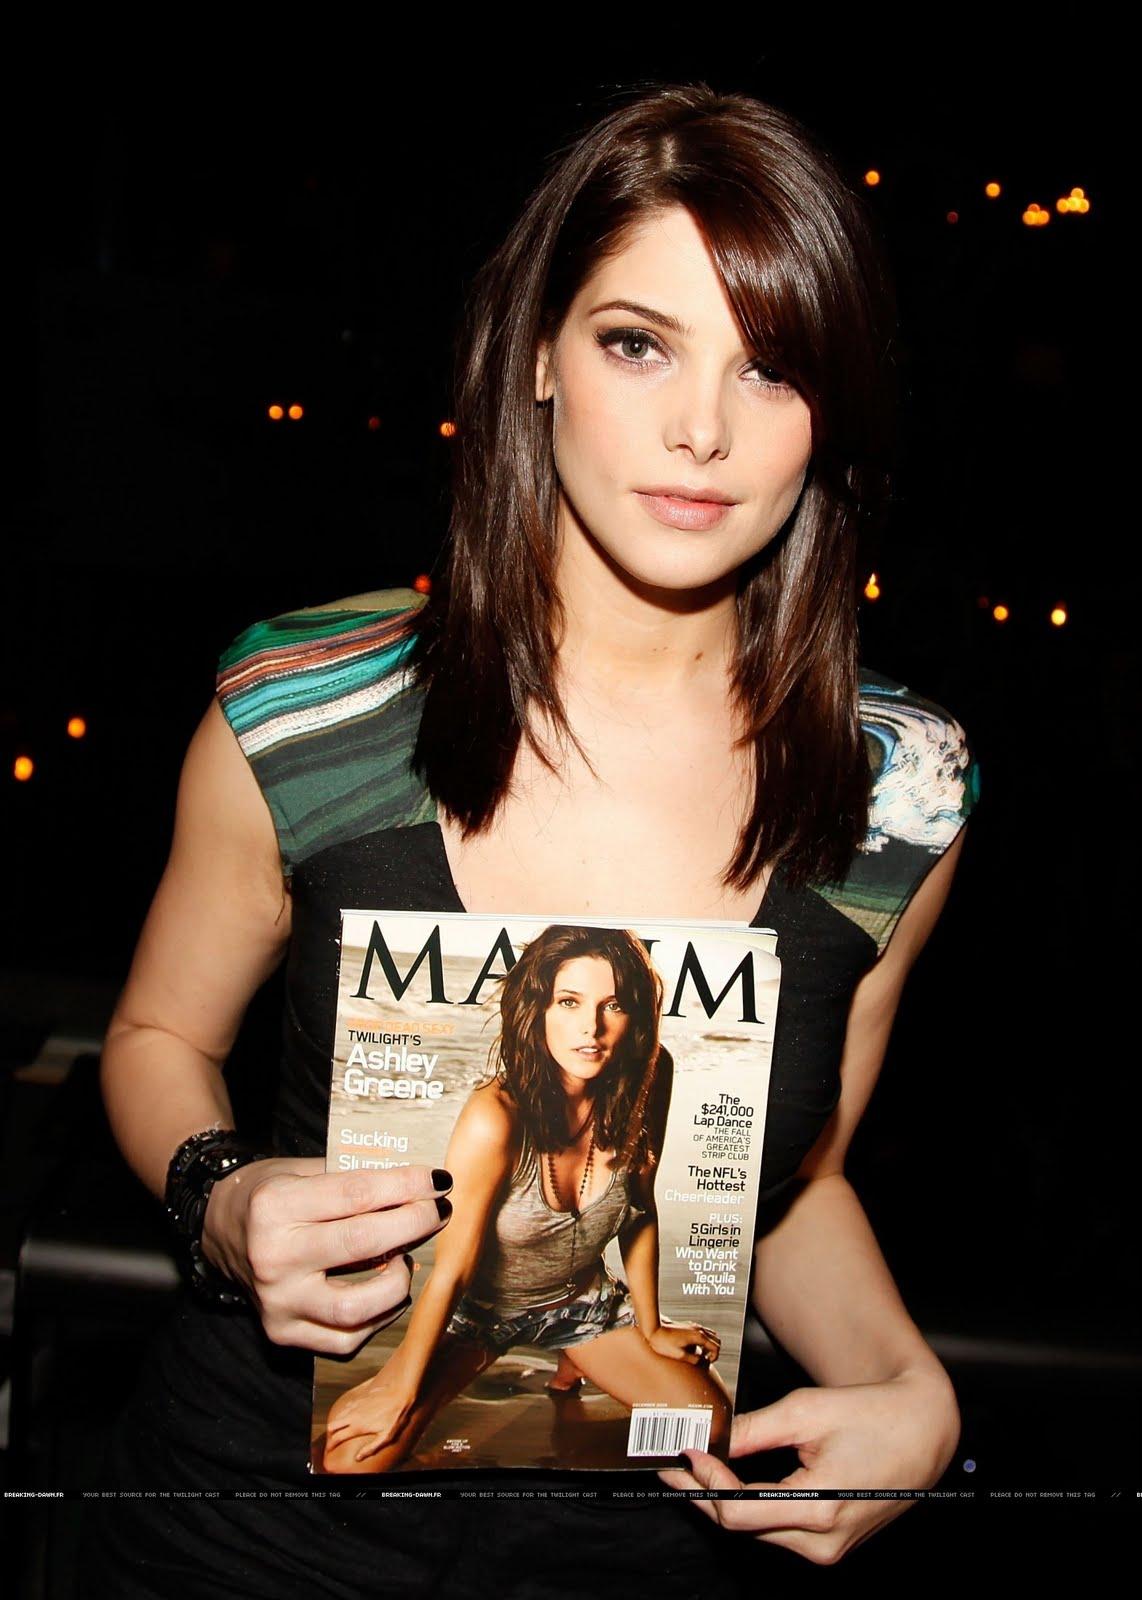 http://3.bp.blogspot.com/_1o7MroTqltc/Sw2P1LDrp6I/AAAAAAAAASI/yy_eXVXrVs8/s1600/Bitch_007.jpg